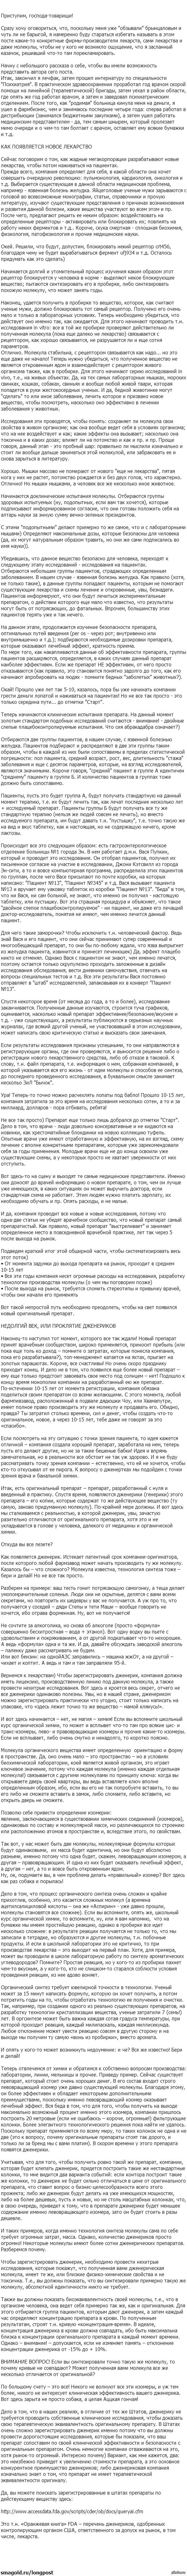 """Откуда есть пошли лекарства всякие Как и обещал здесь <a href=""""http://pikabu.ru/story/sovet_allergikam_2396169"""">http://pikabu.ru/story/_2396169</a>  Запилил длиннопост) Получился очень длинно, так что продолжение смотрите в первом комменте."""